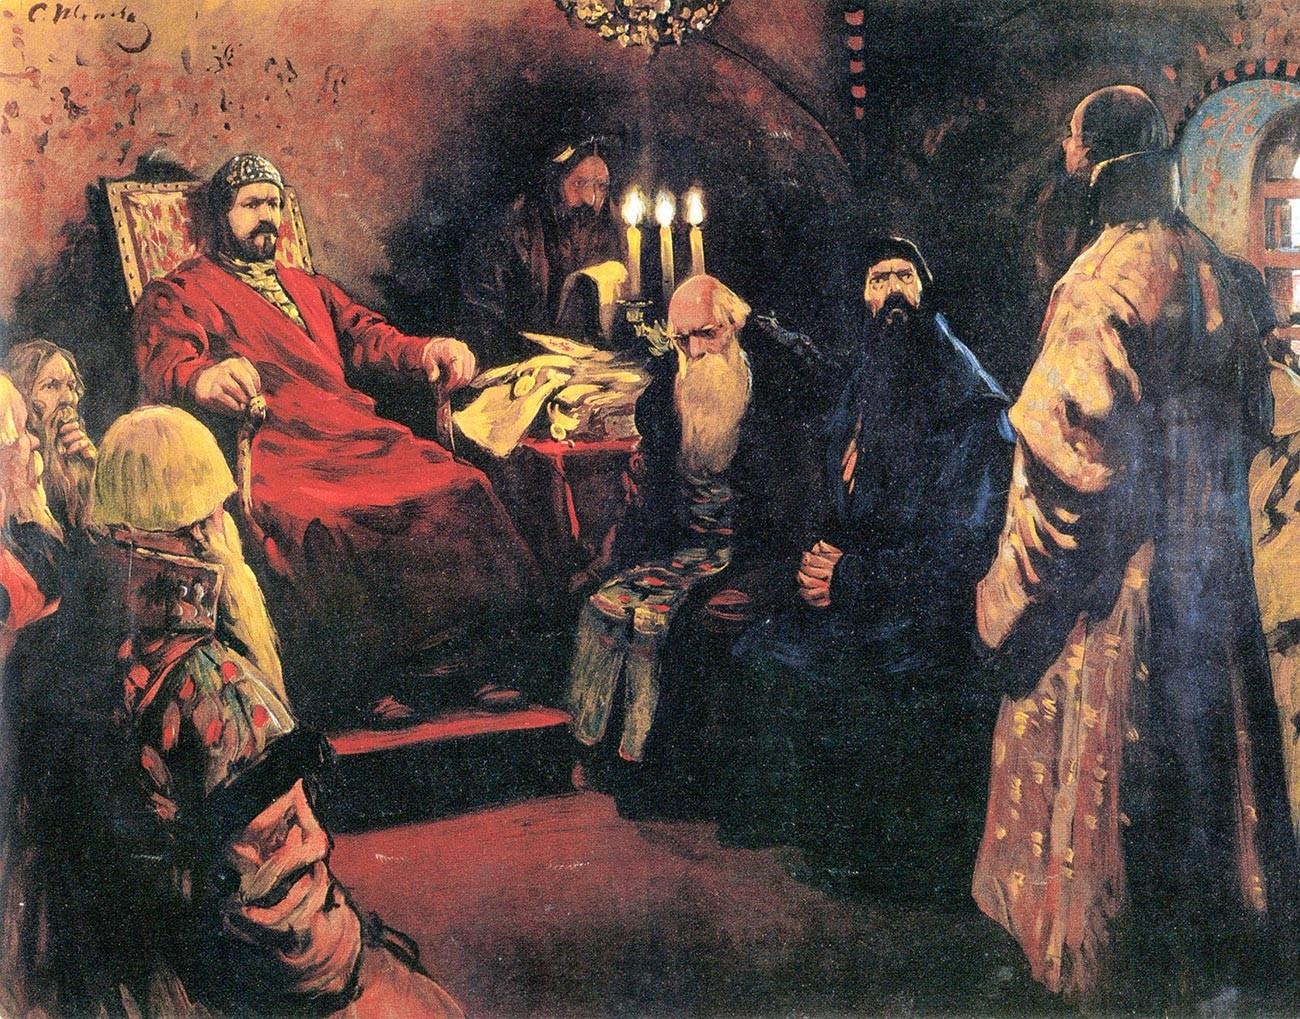 Nel 1566 Viskovatyj prese parte allo Zemskij Sobor (assemblea nazionale)